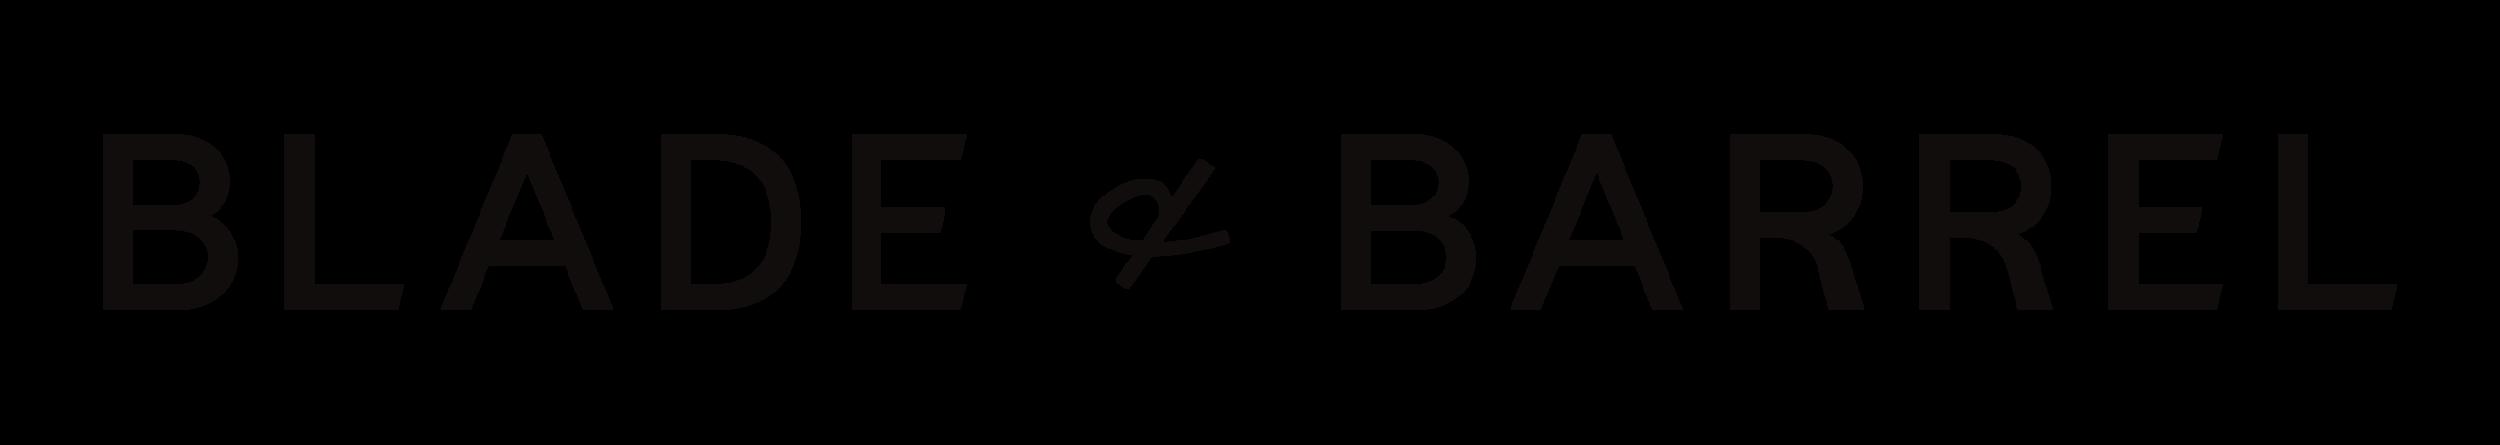 Wordmark-RGB-Black.png